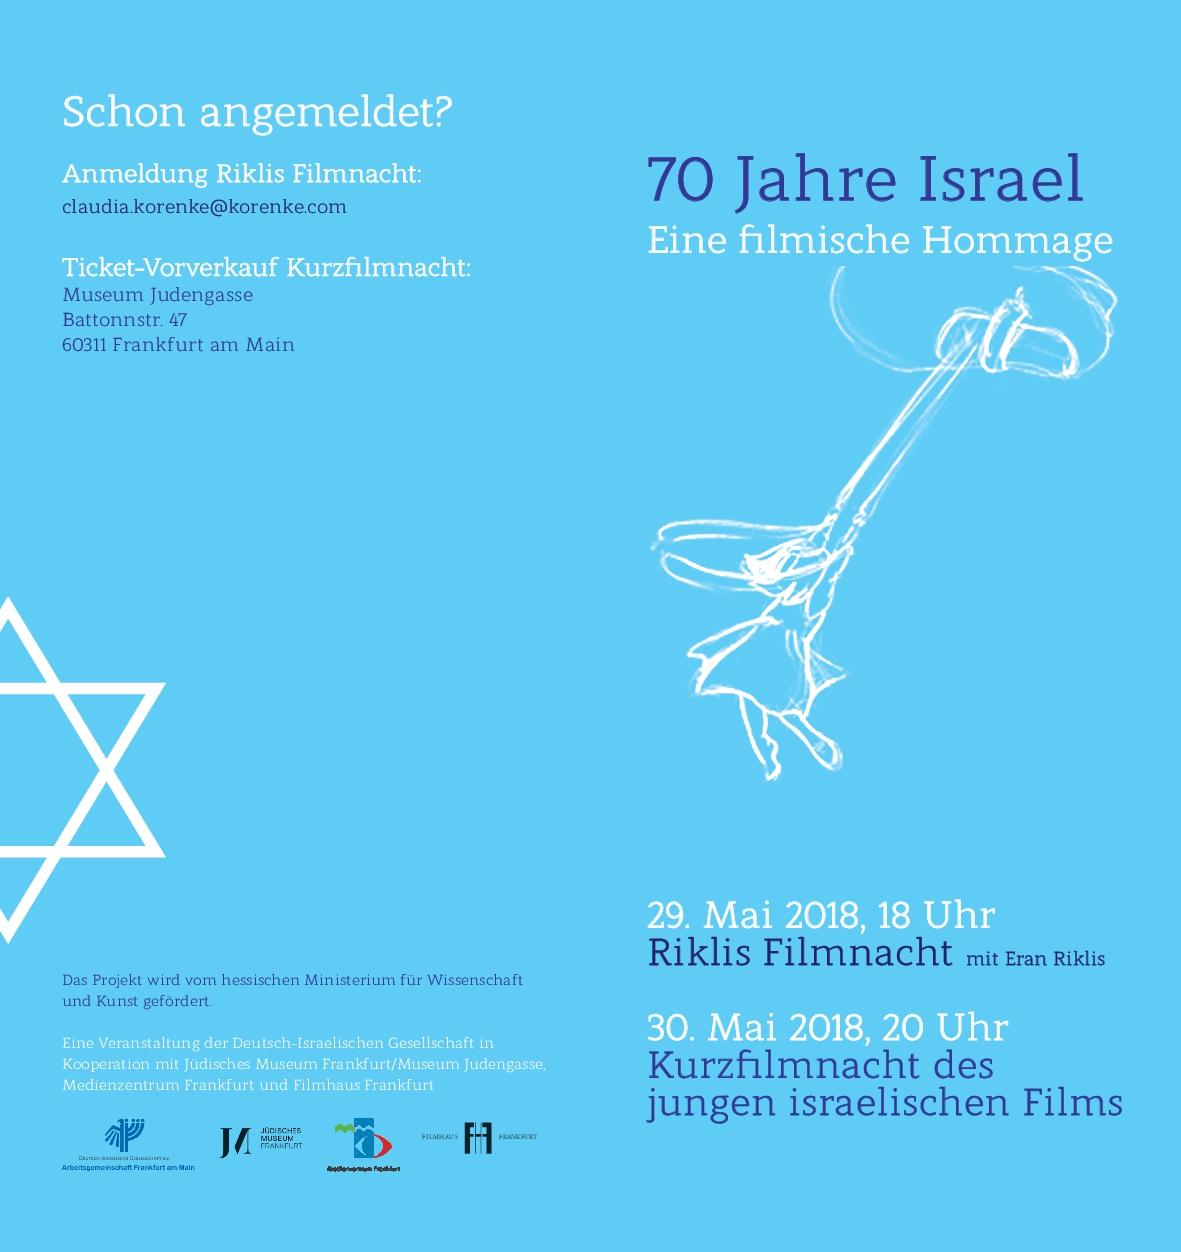 FHF_Israel_RZ_webneu-00_20180528-083917_1